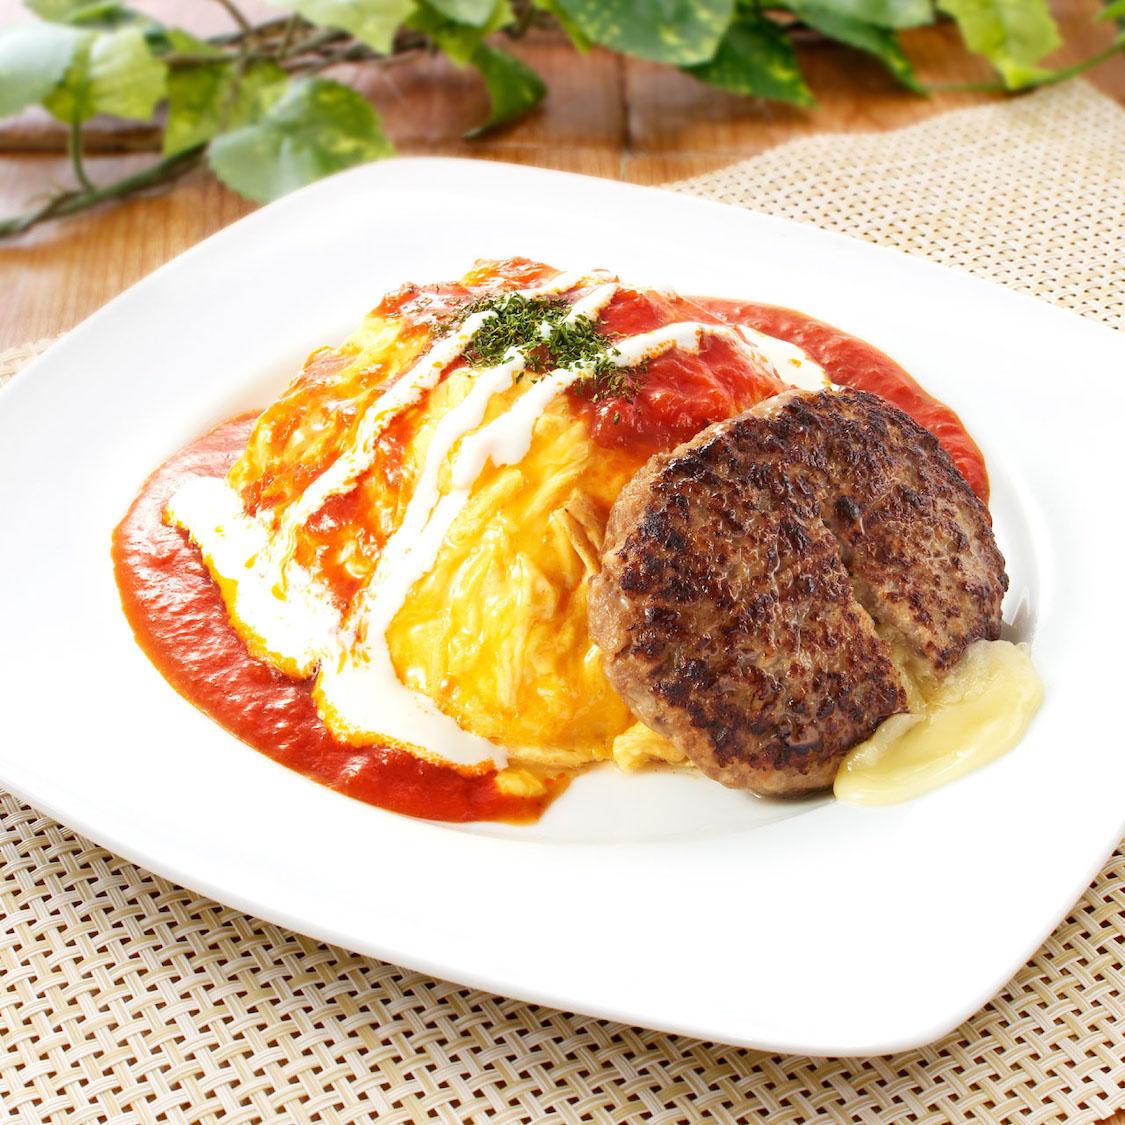 ハンバーグ トマト ソース ハンバーグはソースで楽しむ!【ハンバーグソース】のレシピいろいろ♪...